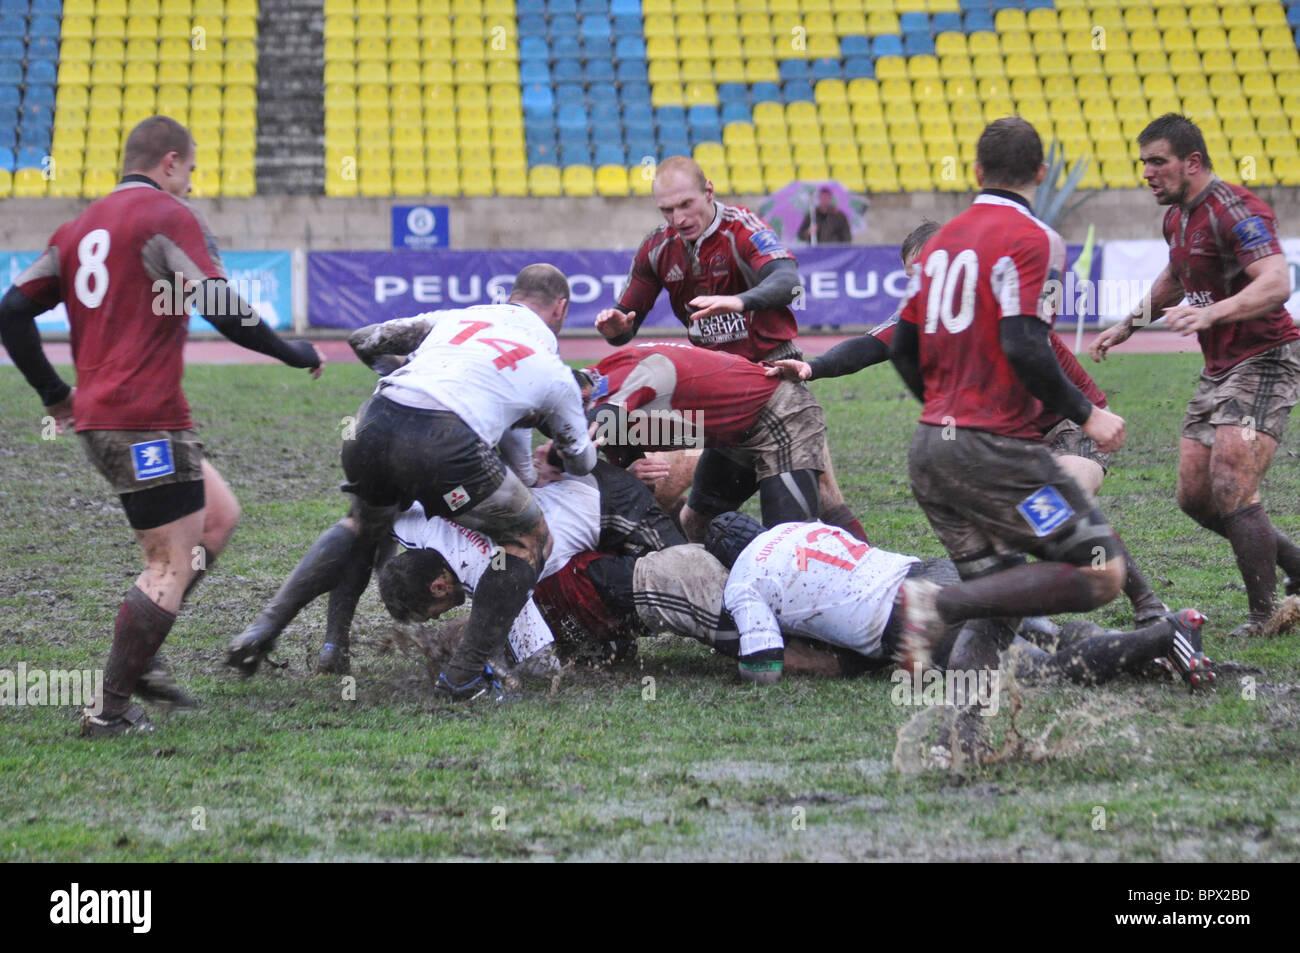 Le nazioni europee Cup partita di rugby: Russia 14 - 10 Portogallo Foto Stock